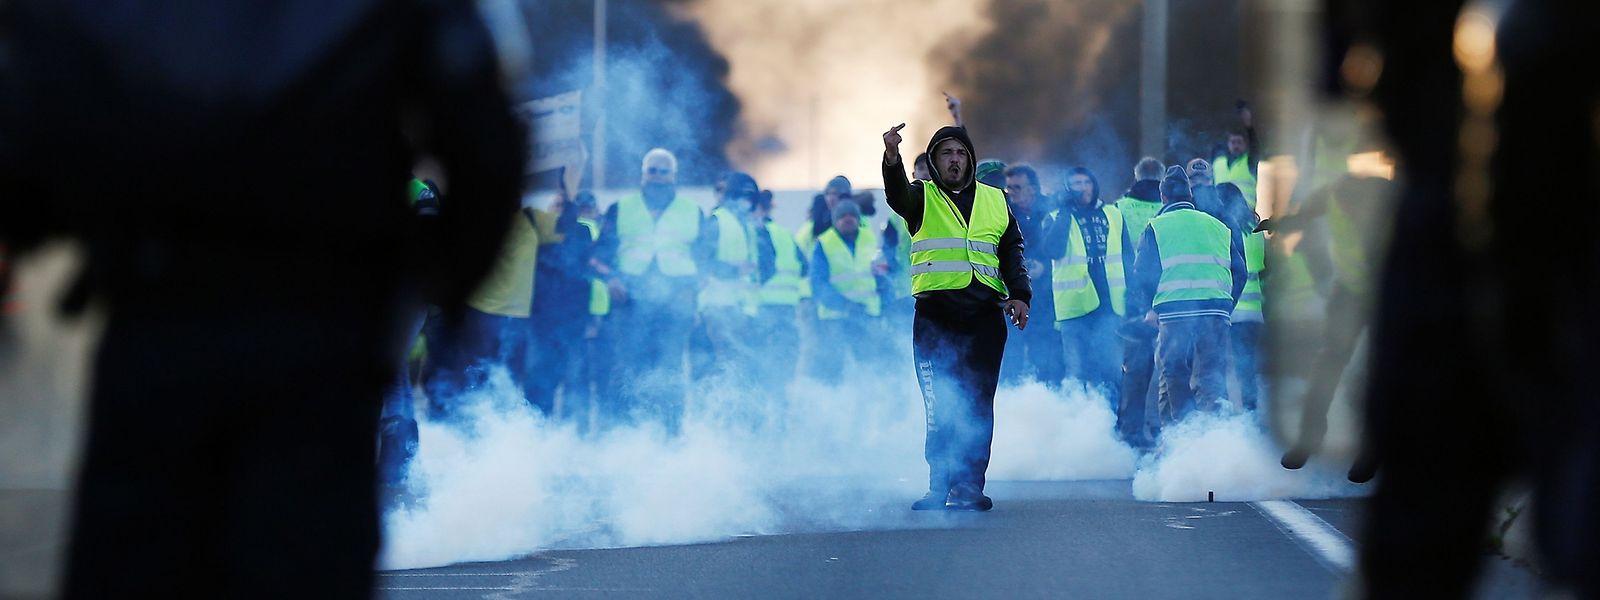 La contestation du prix des carburants a débouché sur une fronde plus diffuse, dont la spontanéité a écarté les partis comme les syndicats. Le Rassemblement national de Marine Le Pen tente toutefois de récupérer ce mouvement, sur un terrain laissé vacant par la gauche.